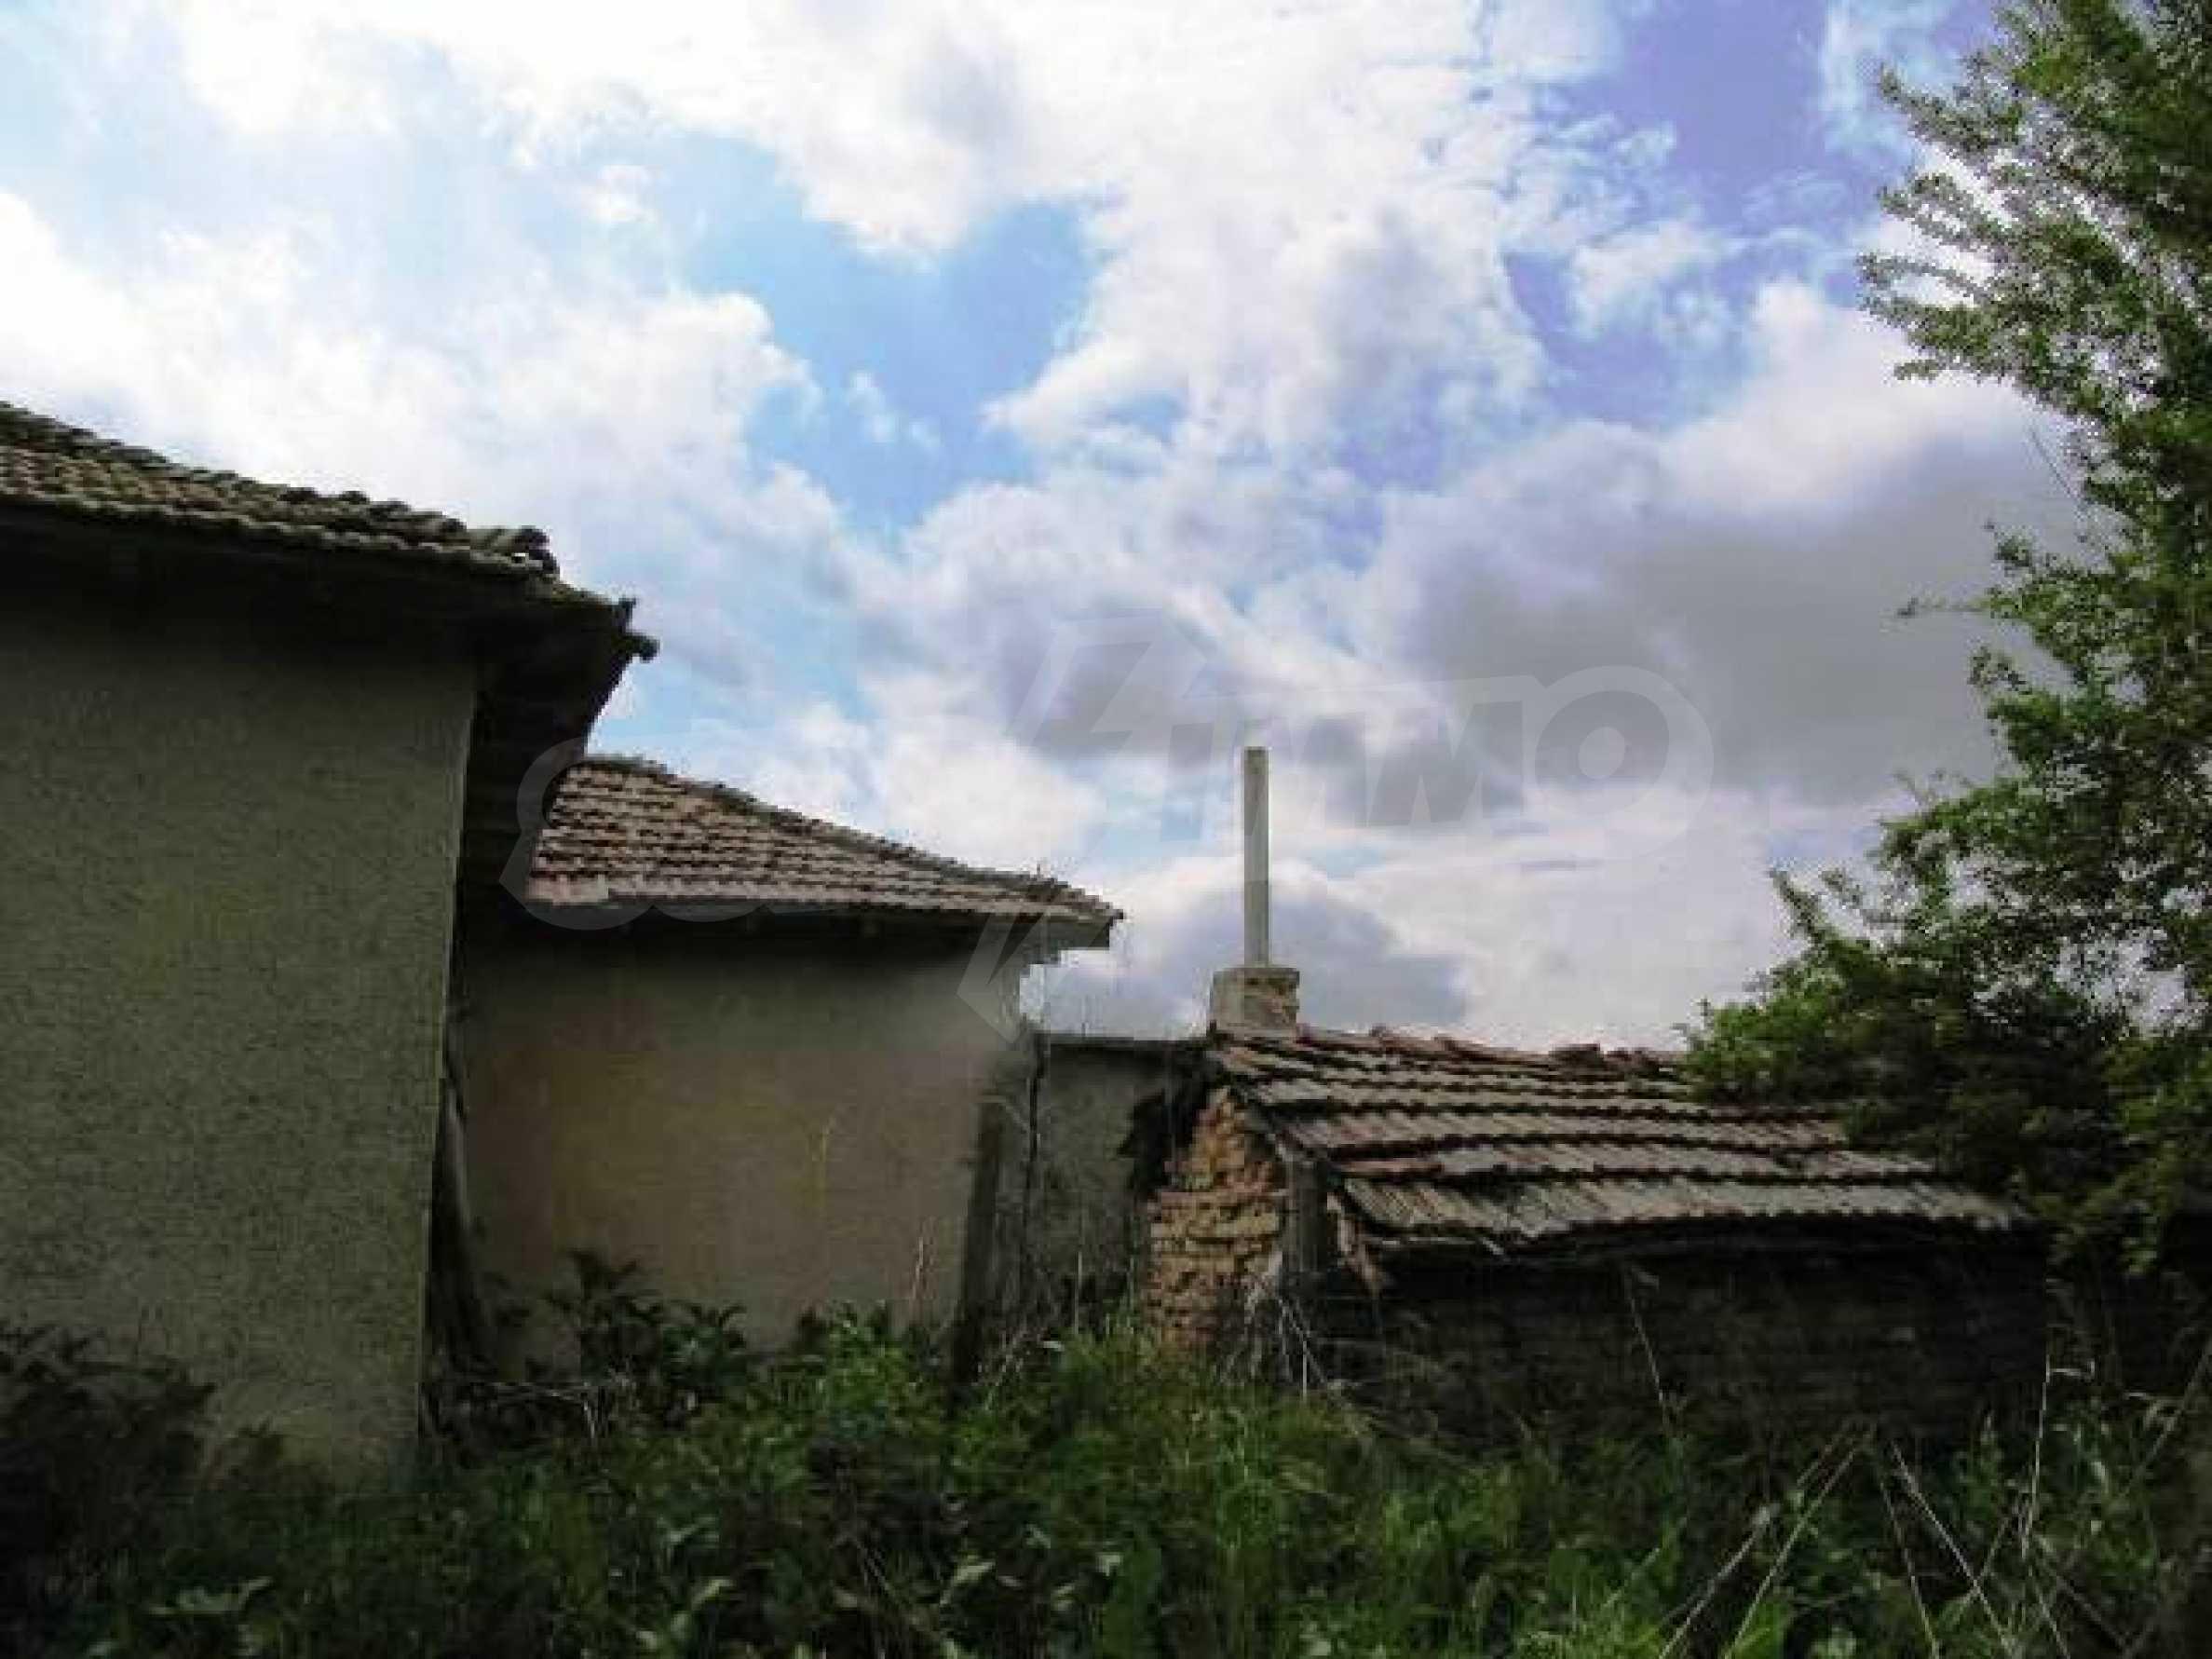 House for sale in Zementsi village near by Romanian border 5